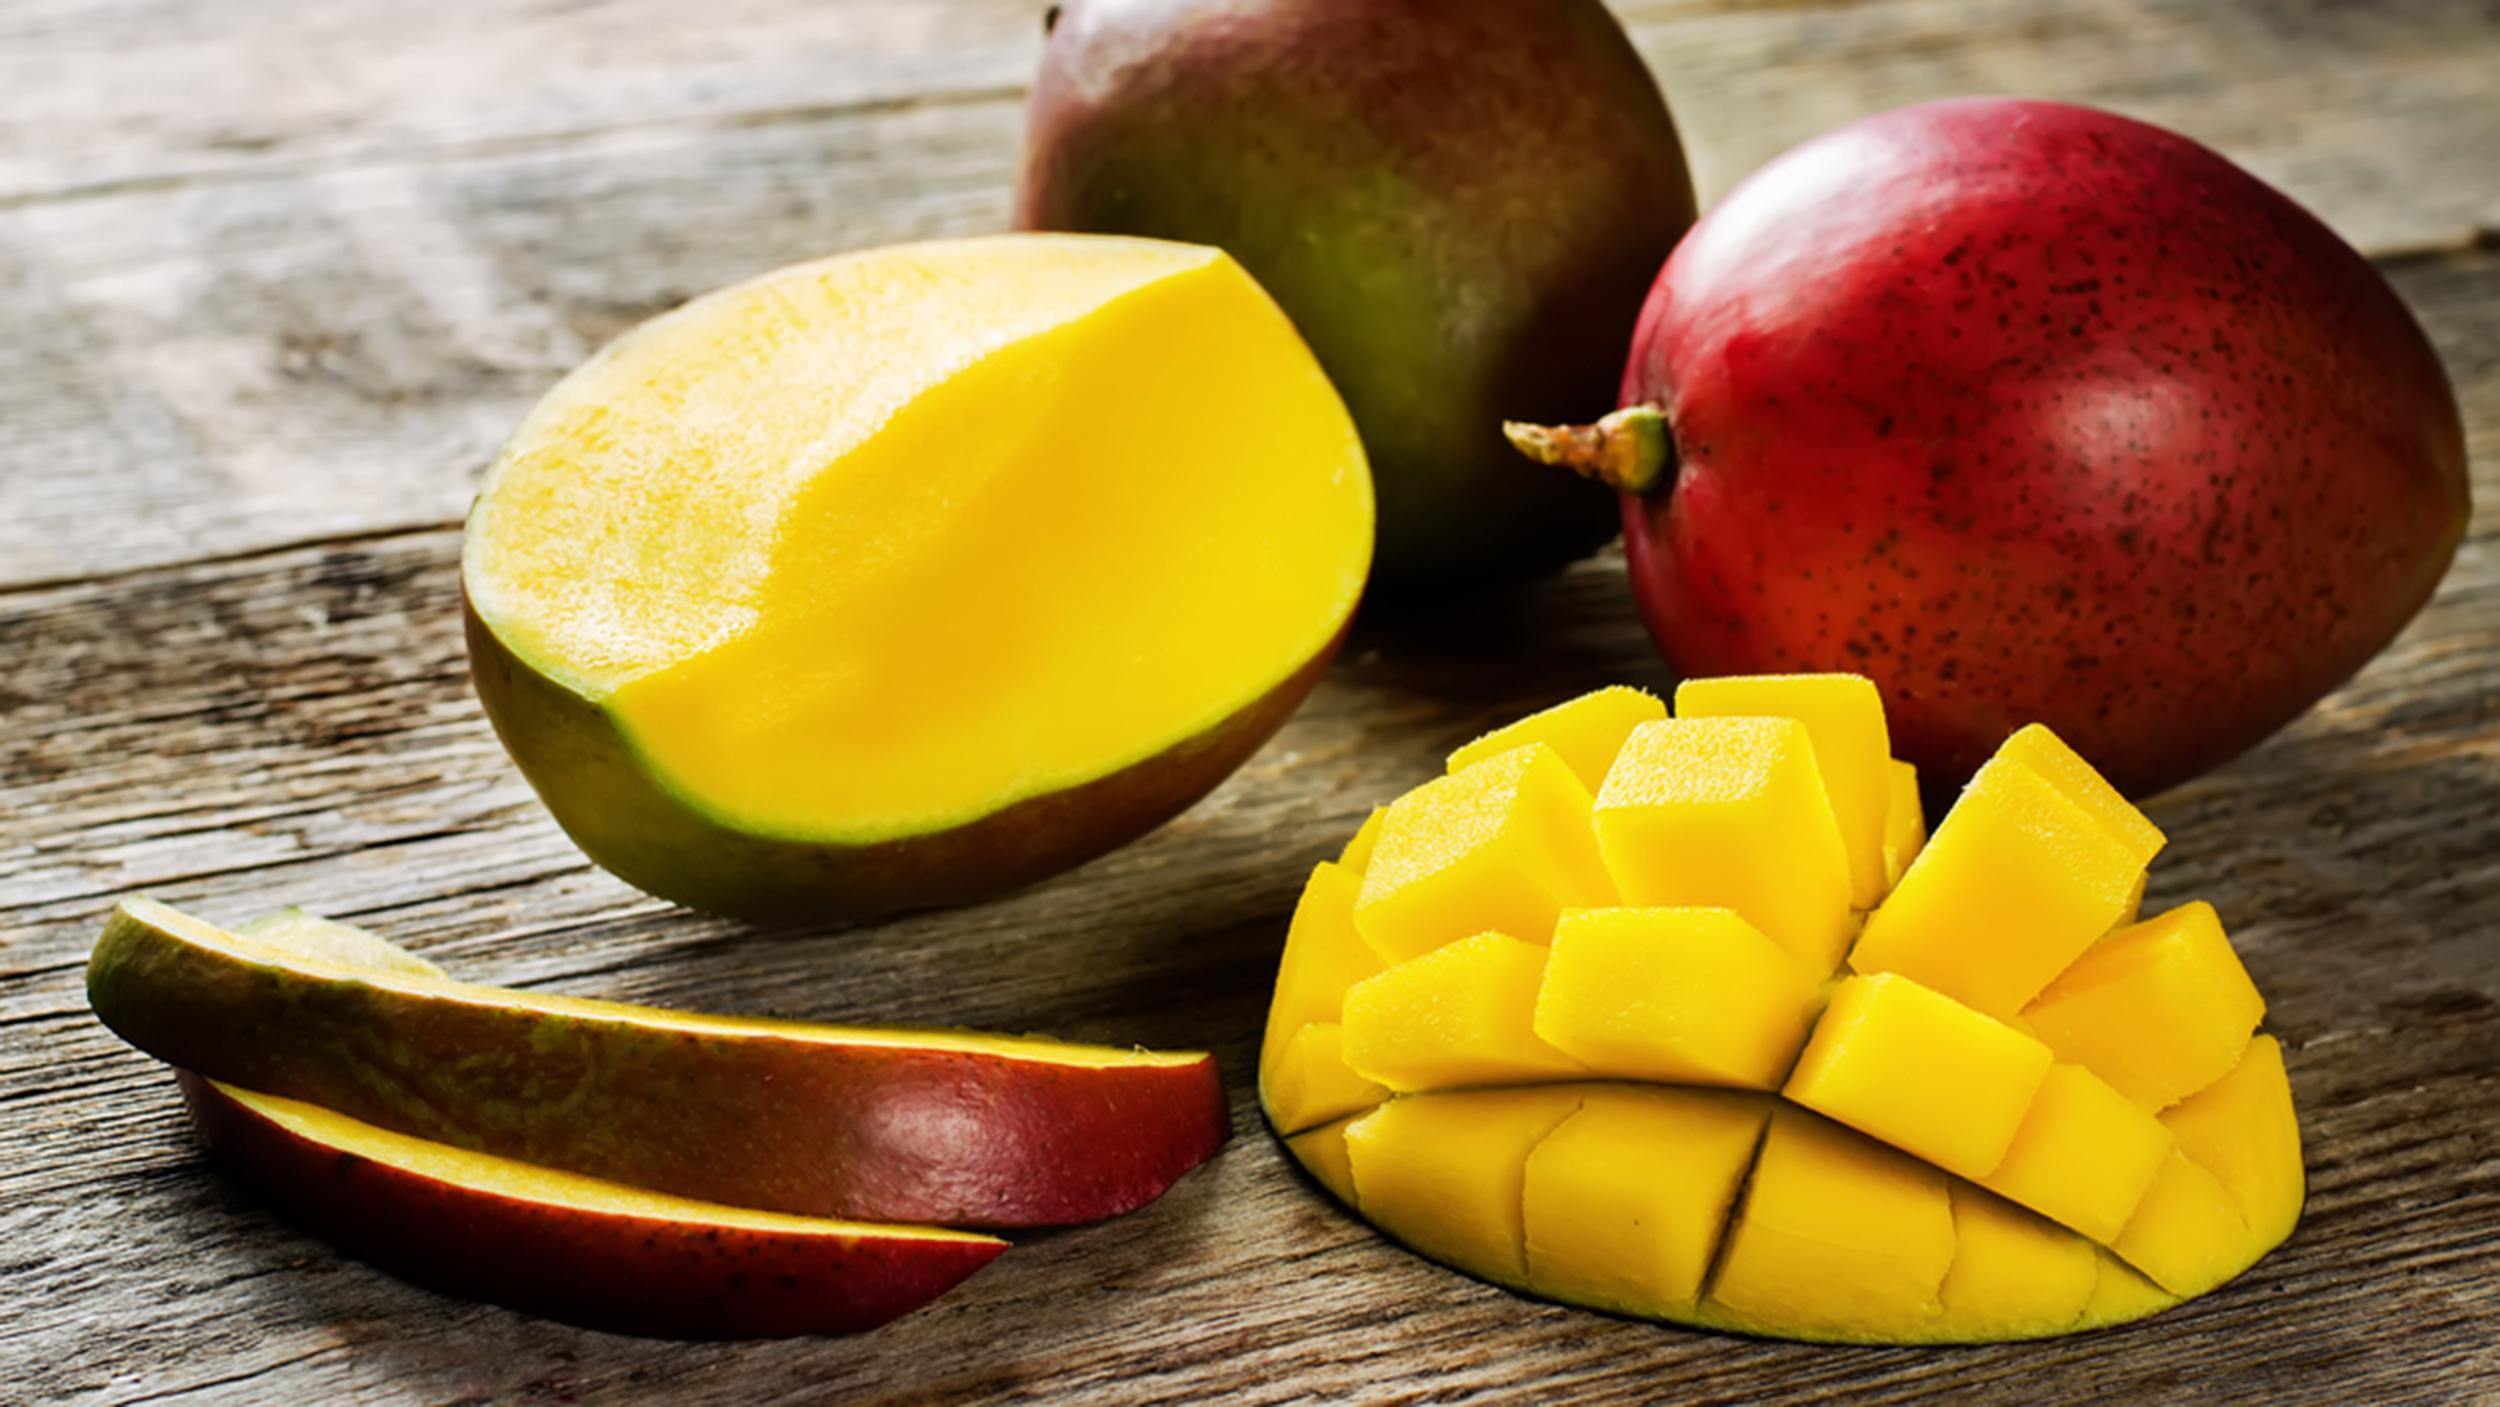 mango-stock-today-150710-tease_376e85a2c028918cf59a5af9547a66d8.jpg